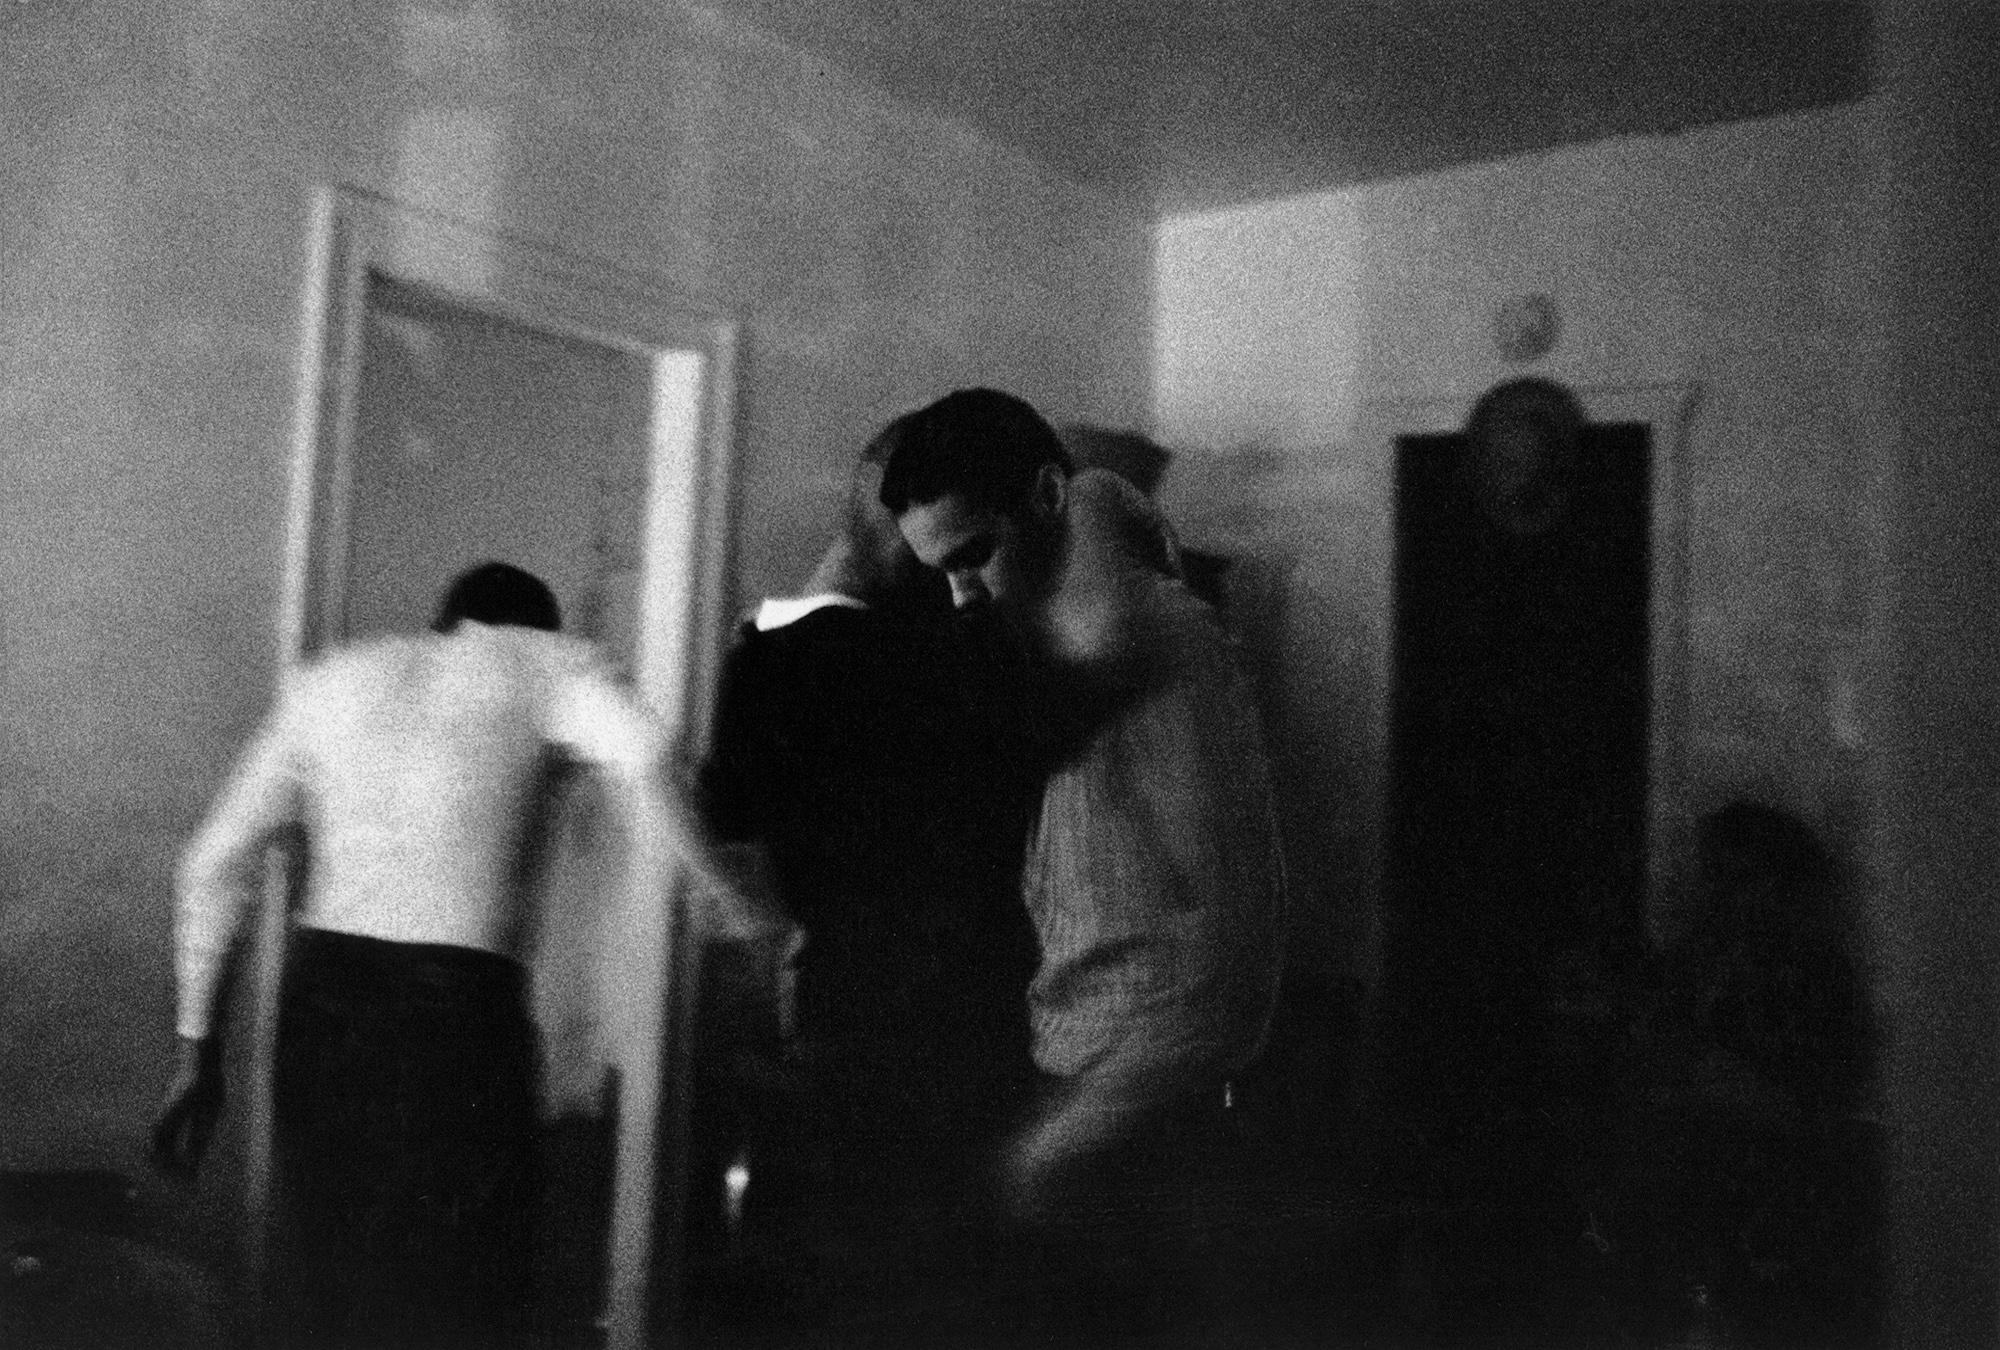 Carlos and Hansel, New York, 1993